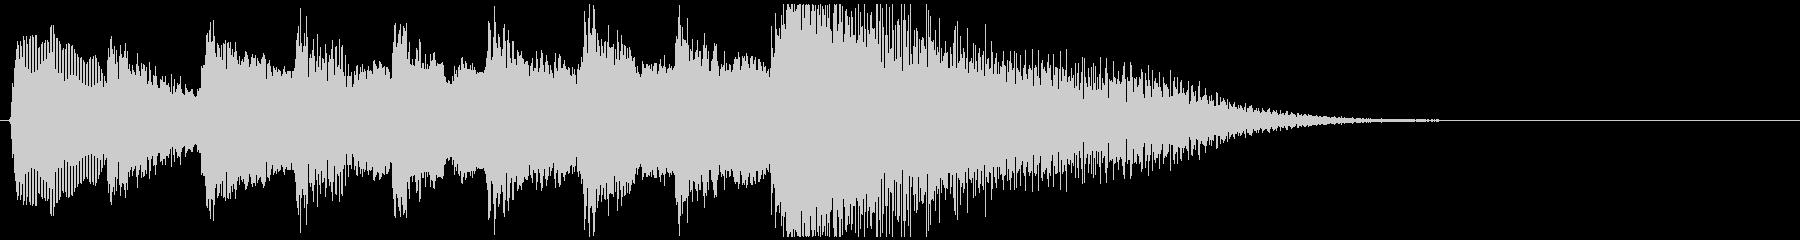 琴のシンプルなジングルの未再生の波形